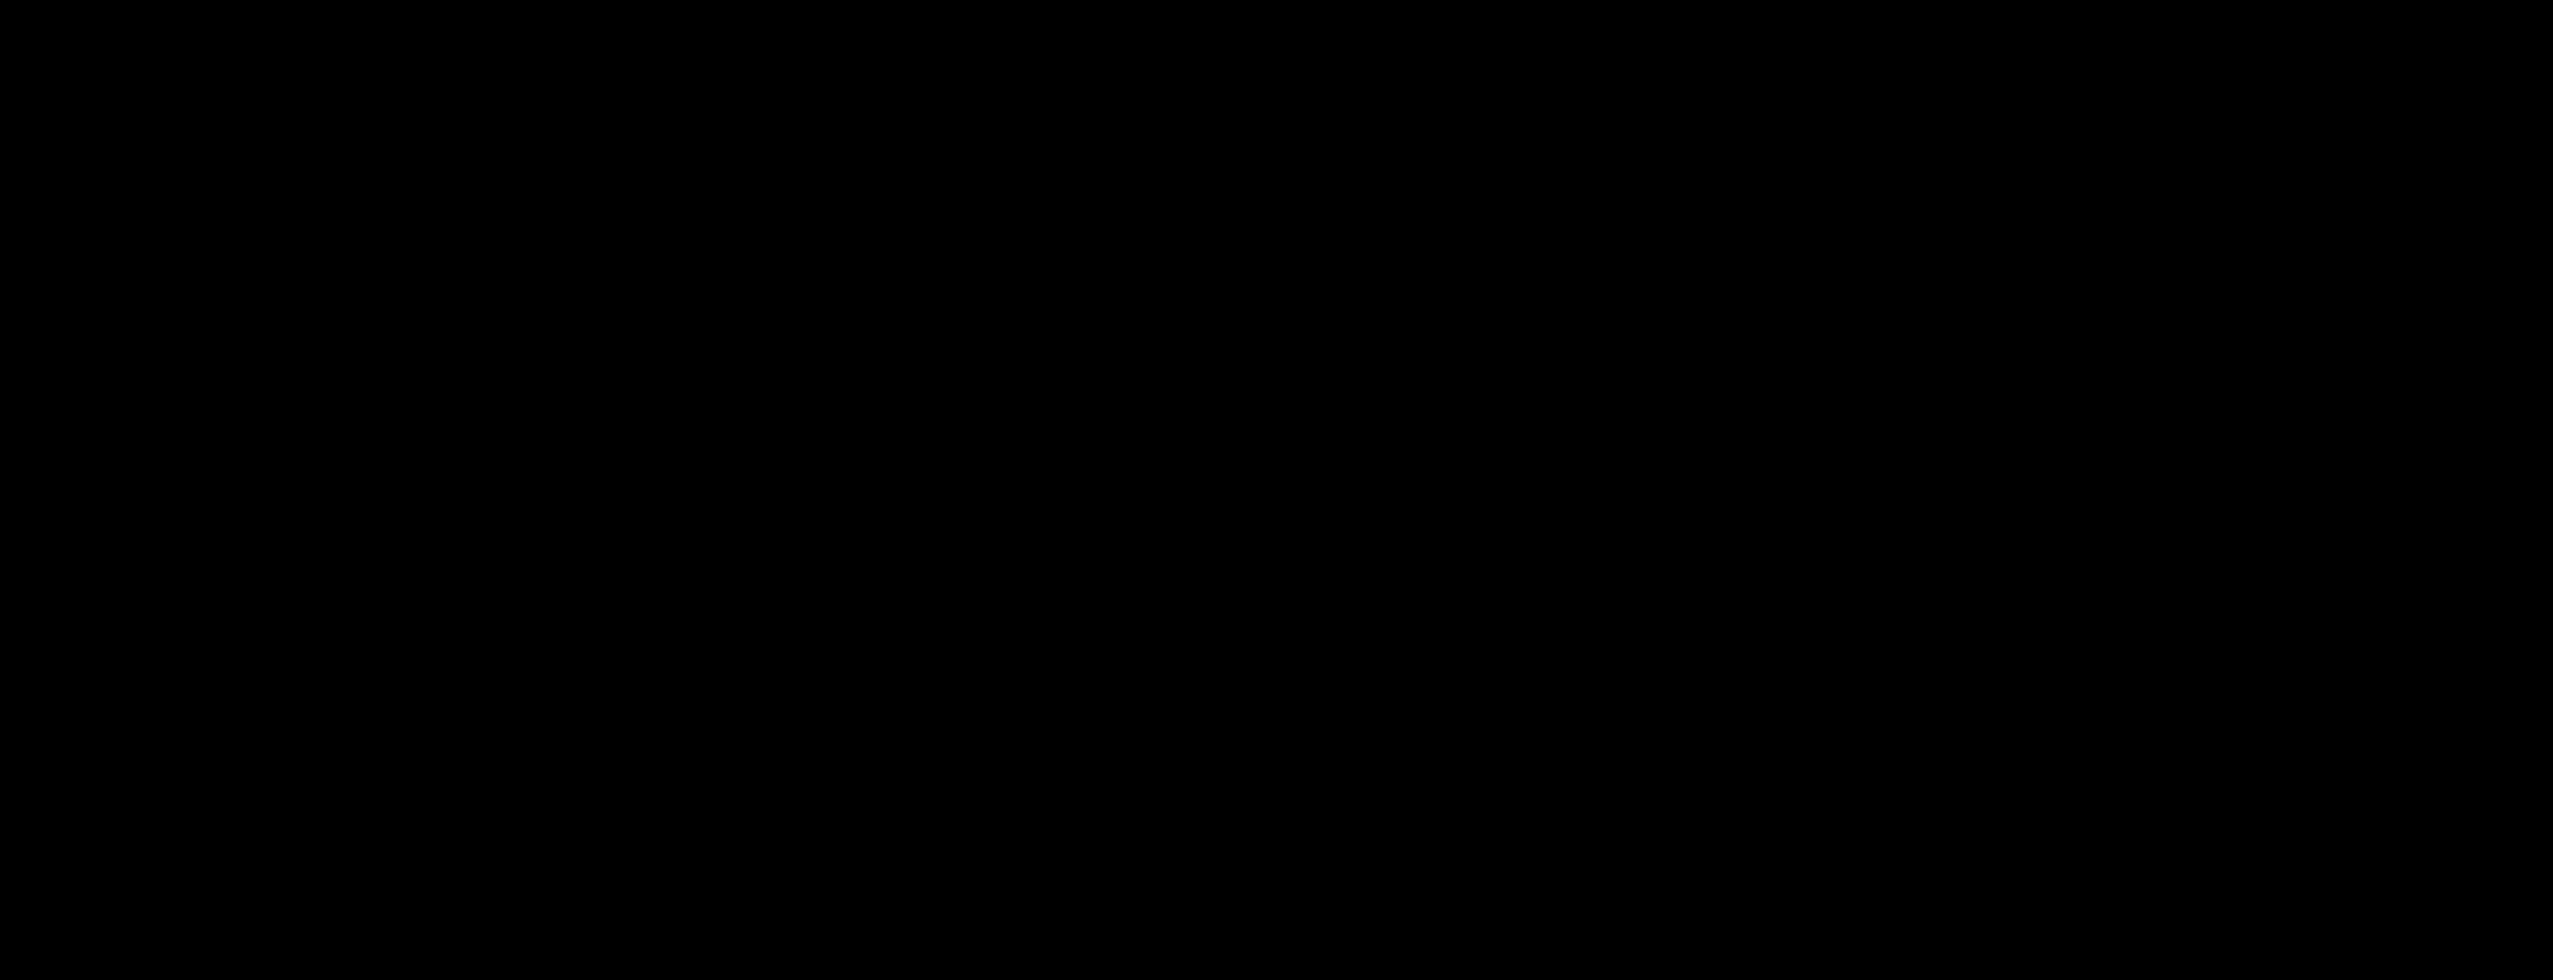 Free Jaguar logo 1199293 PNG with Transparent Background